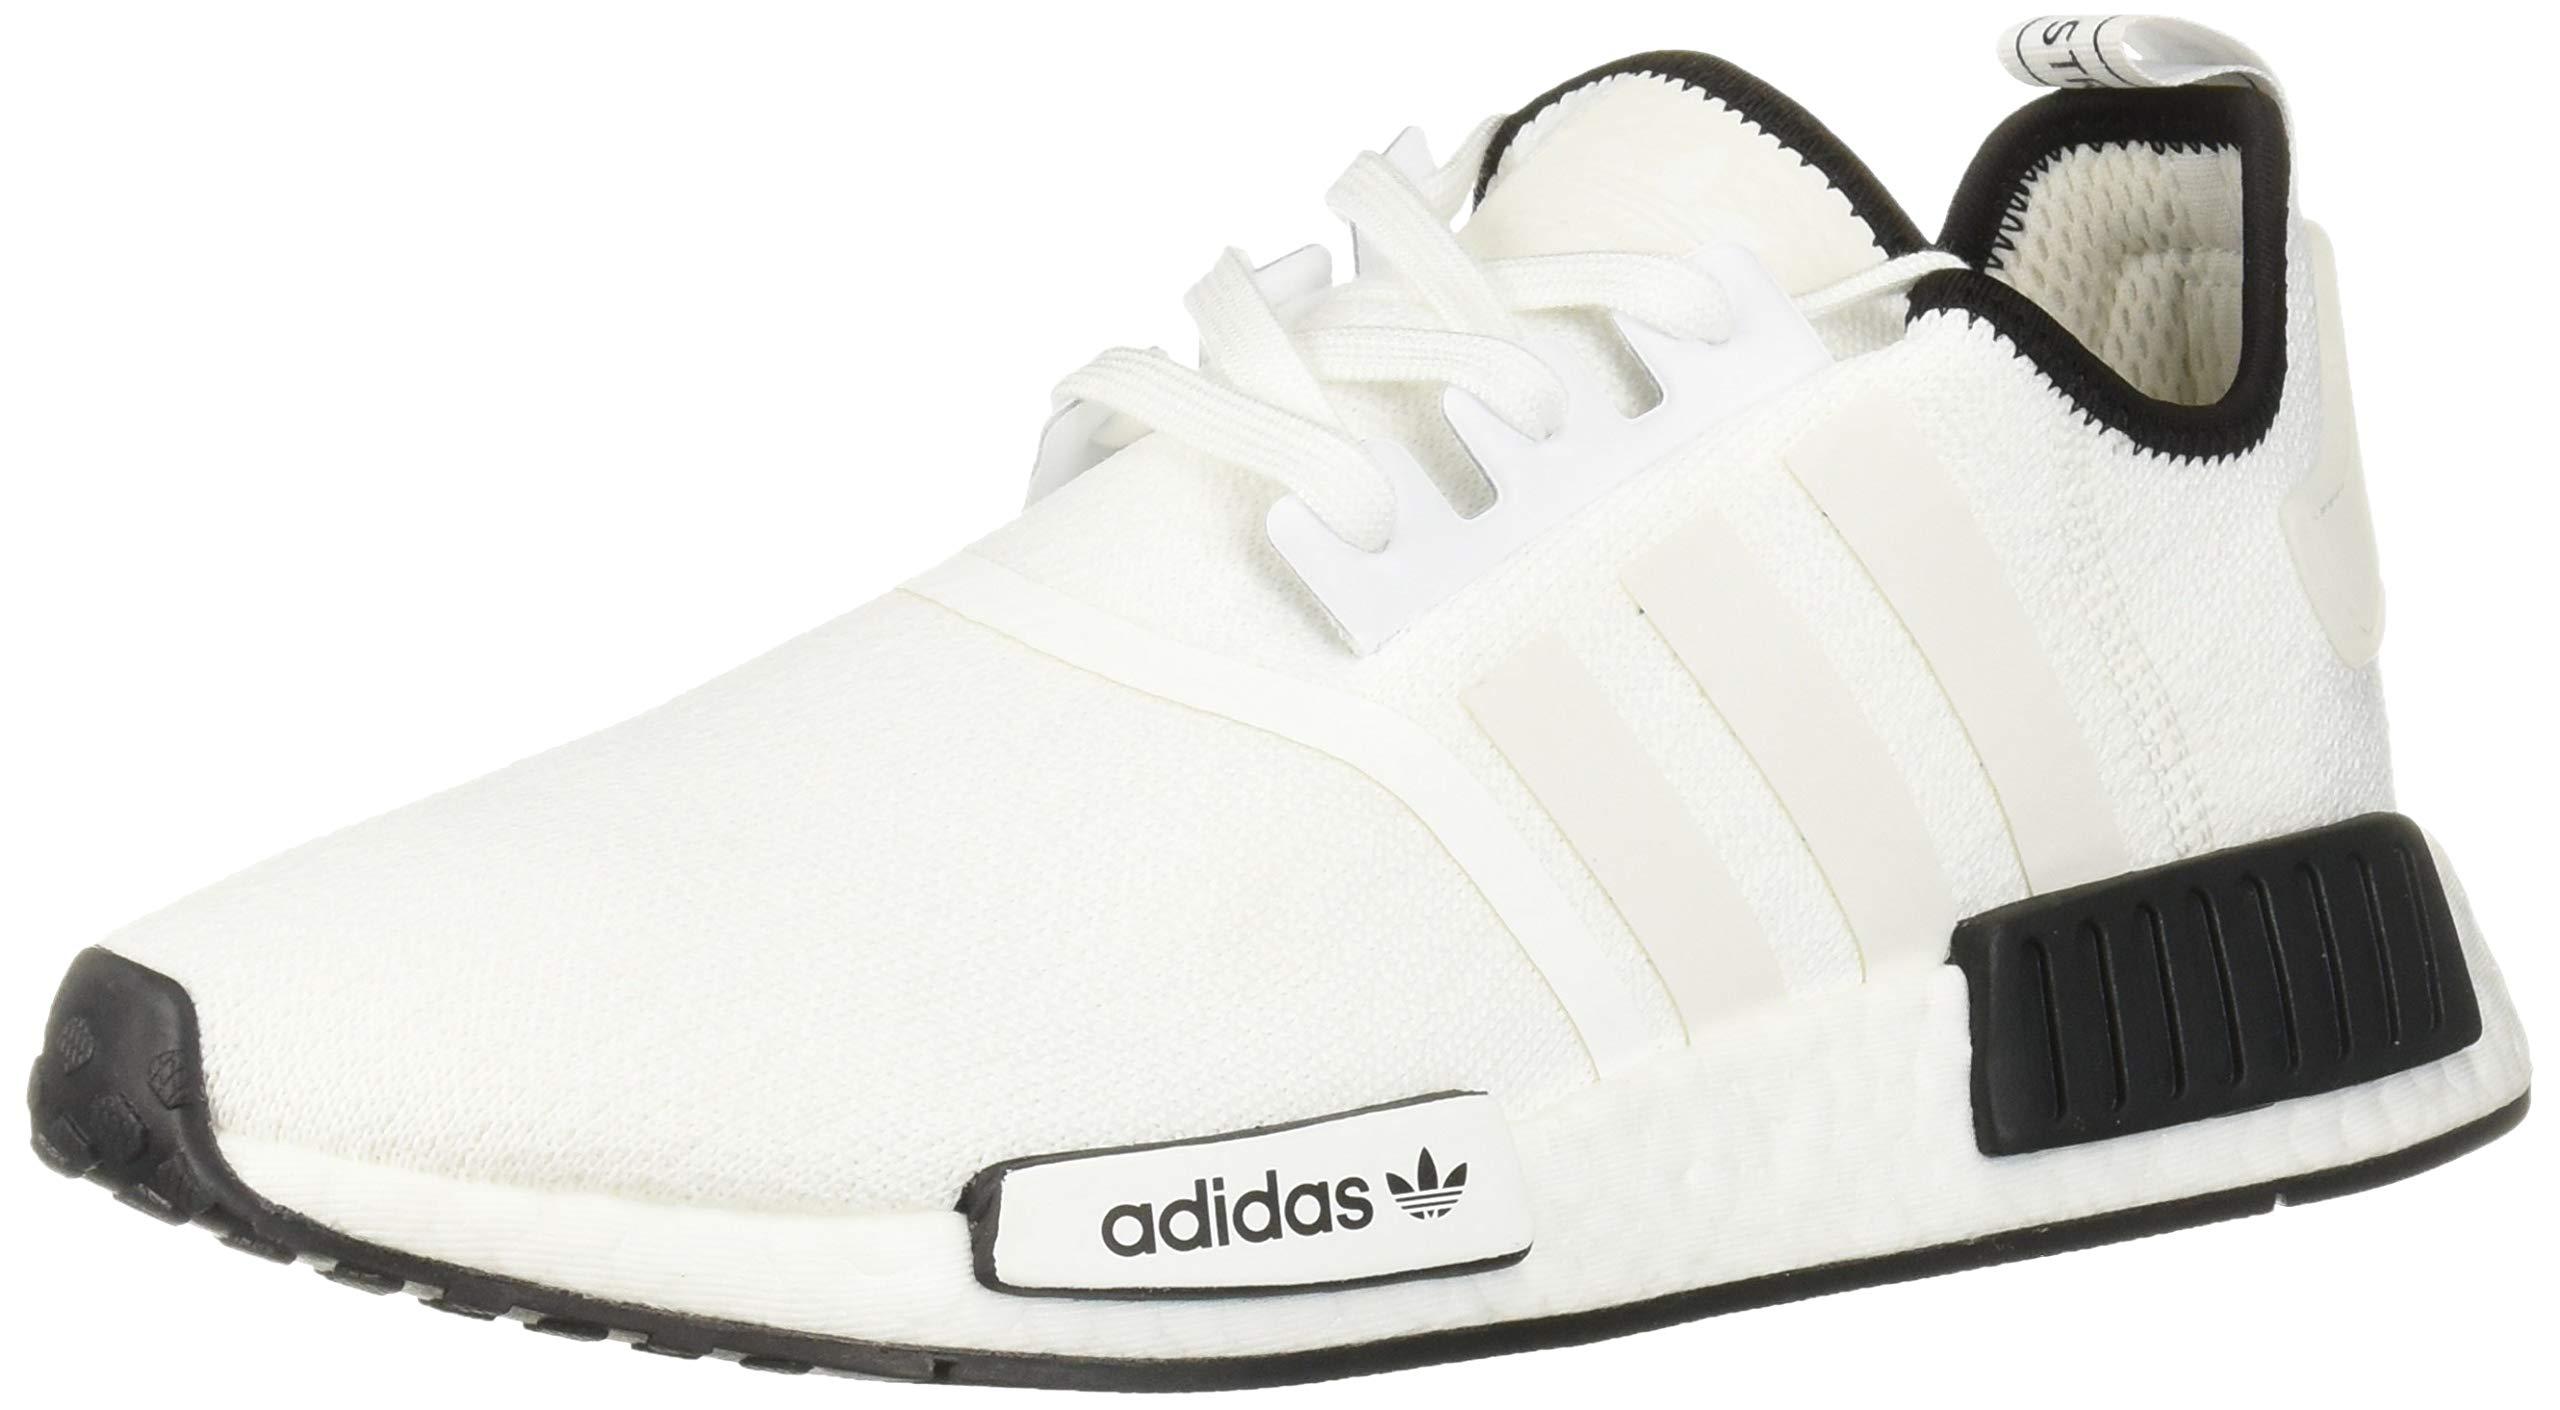 adidas Originals Men's NMD_R1 Running Shoe, Pure WhiteBlack, 10.5 M US